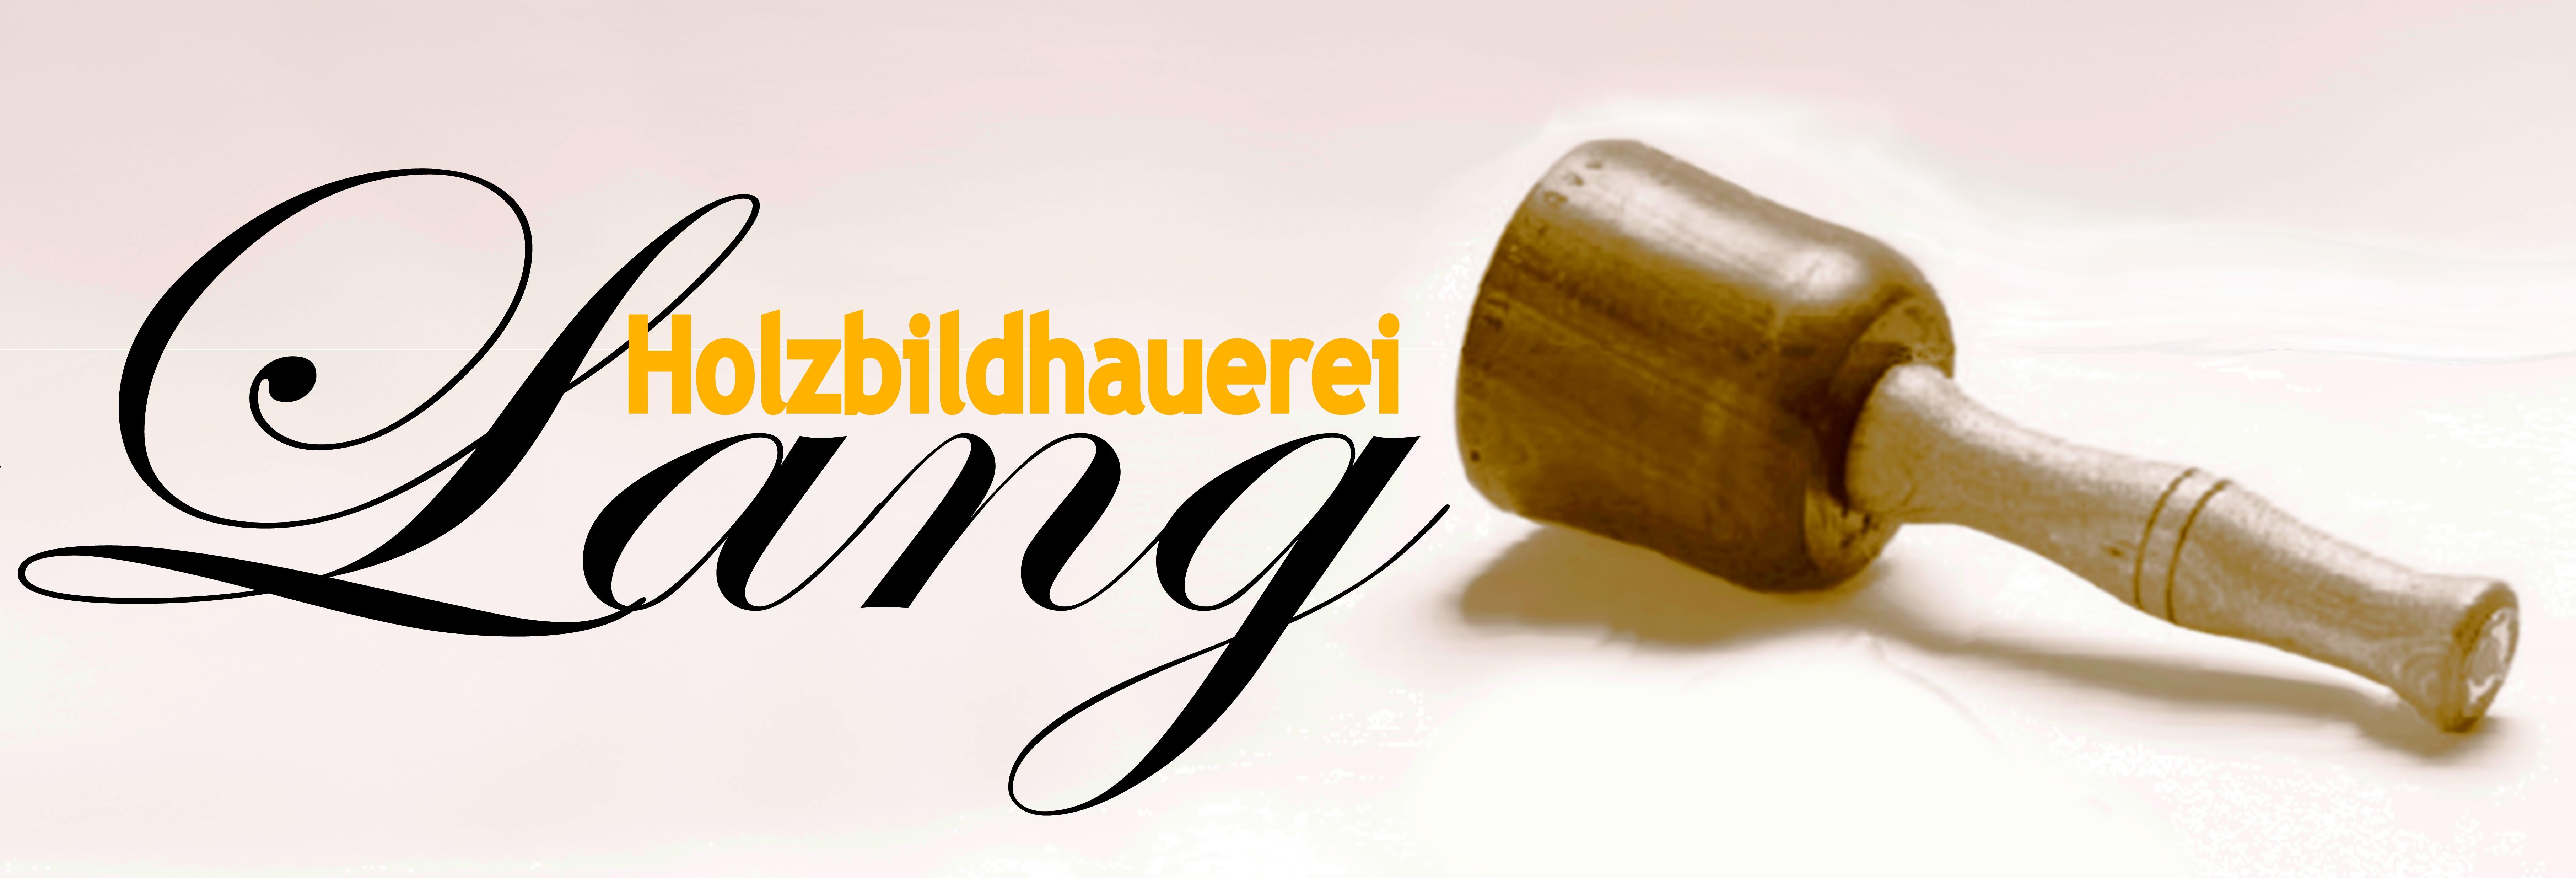 Holzbildhauerei Lang